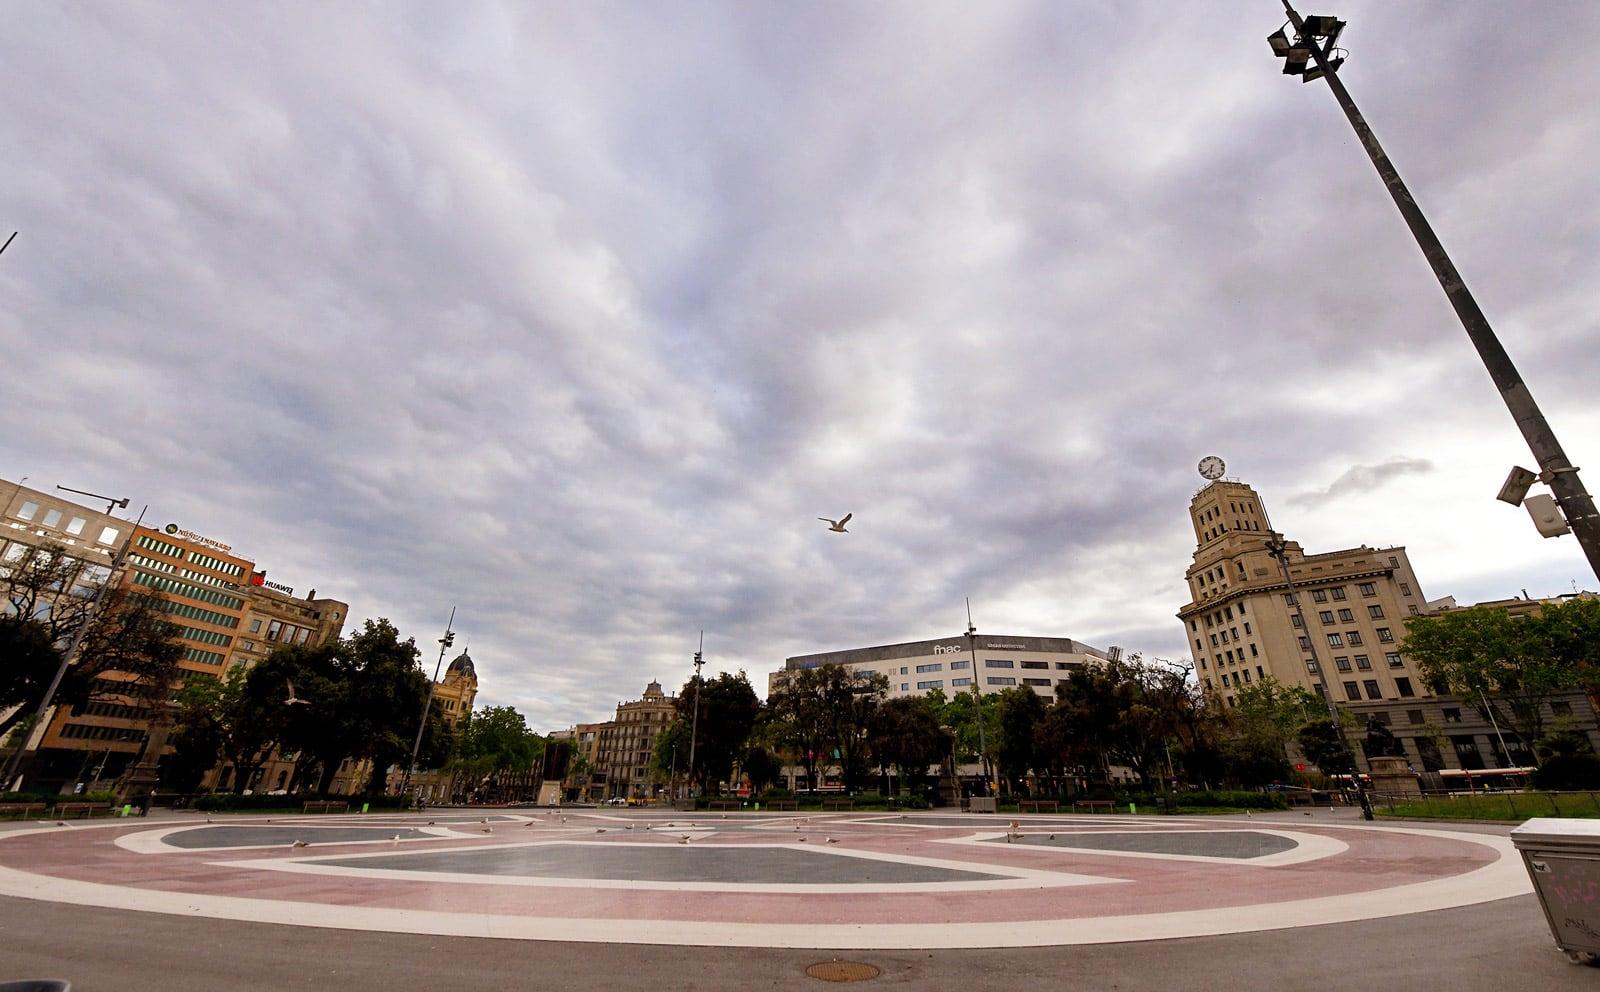 La plaça de Catalunya completament buida durant l'estricte confinament de la primavera passada. Fotografia de Xavier Jubierre.